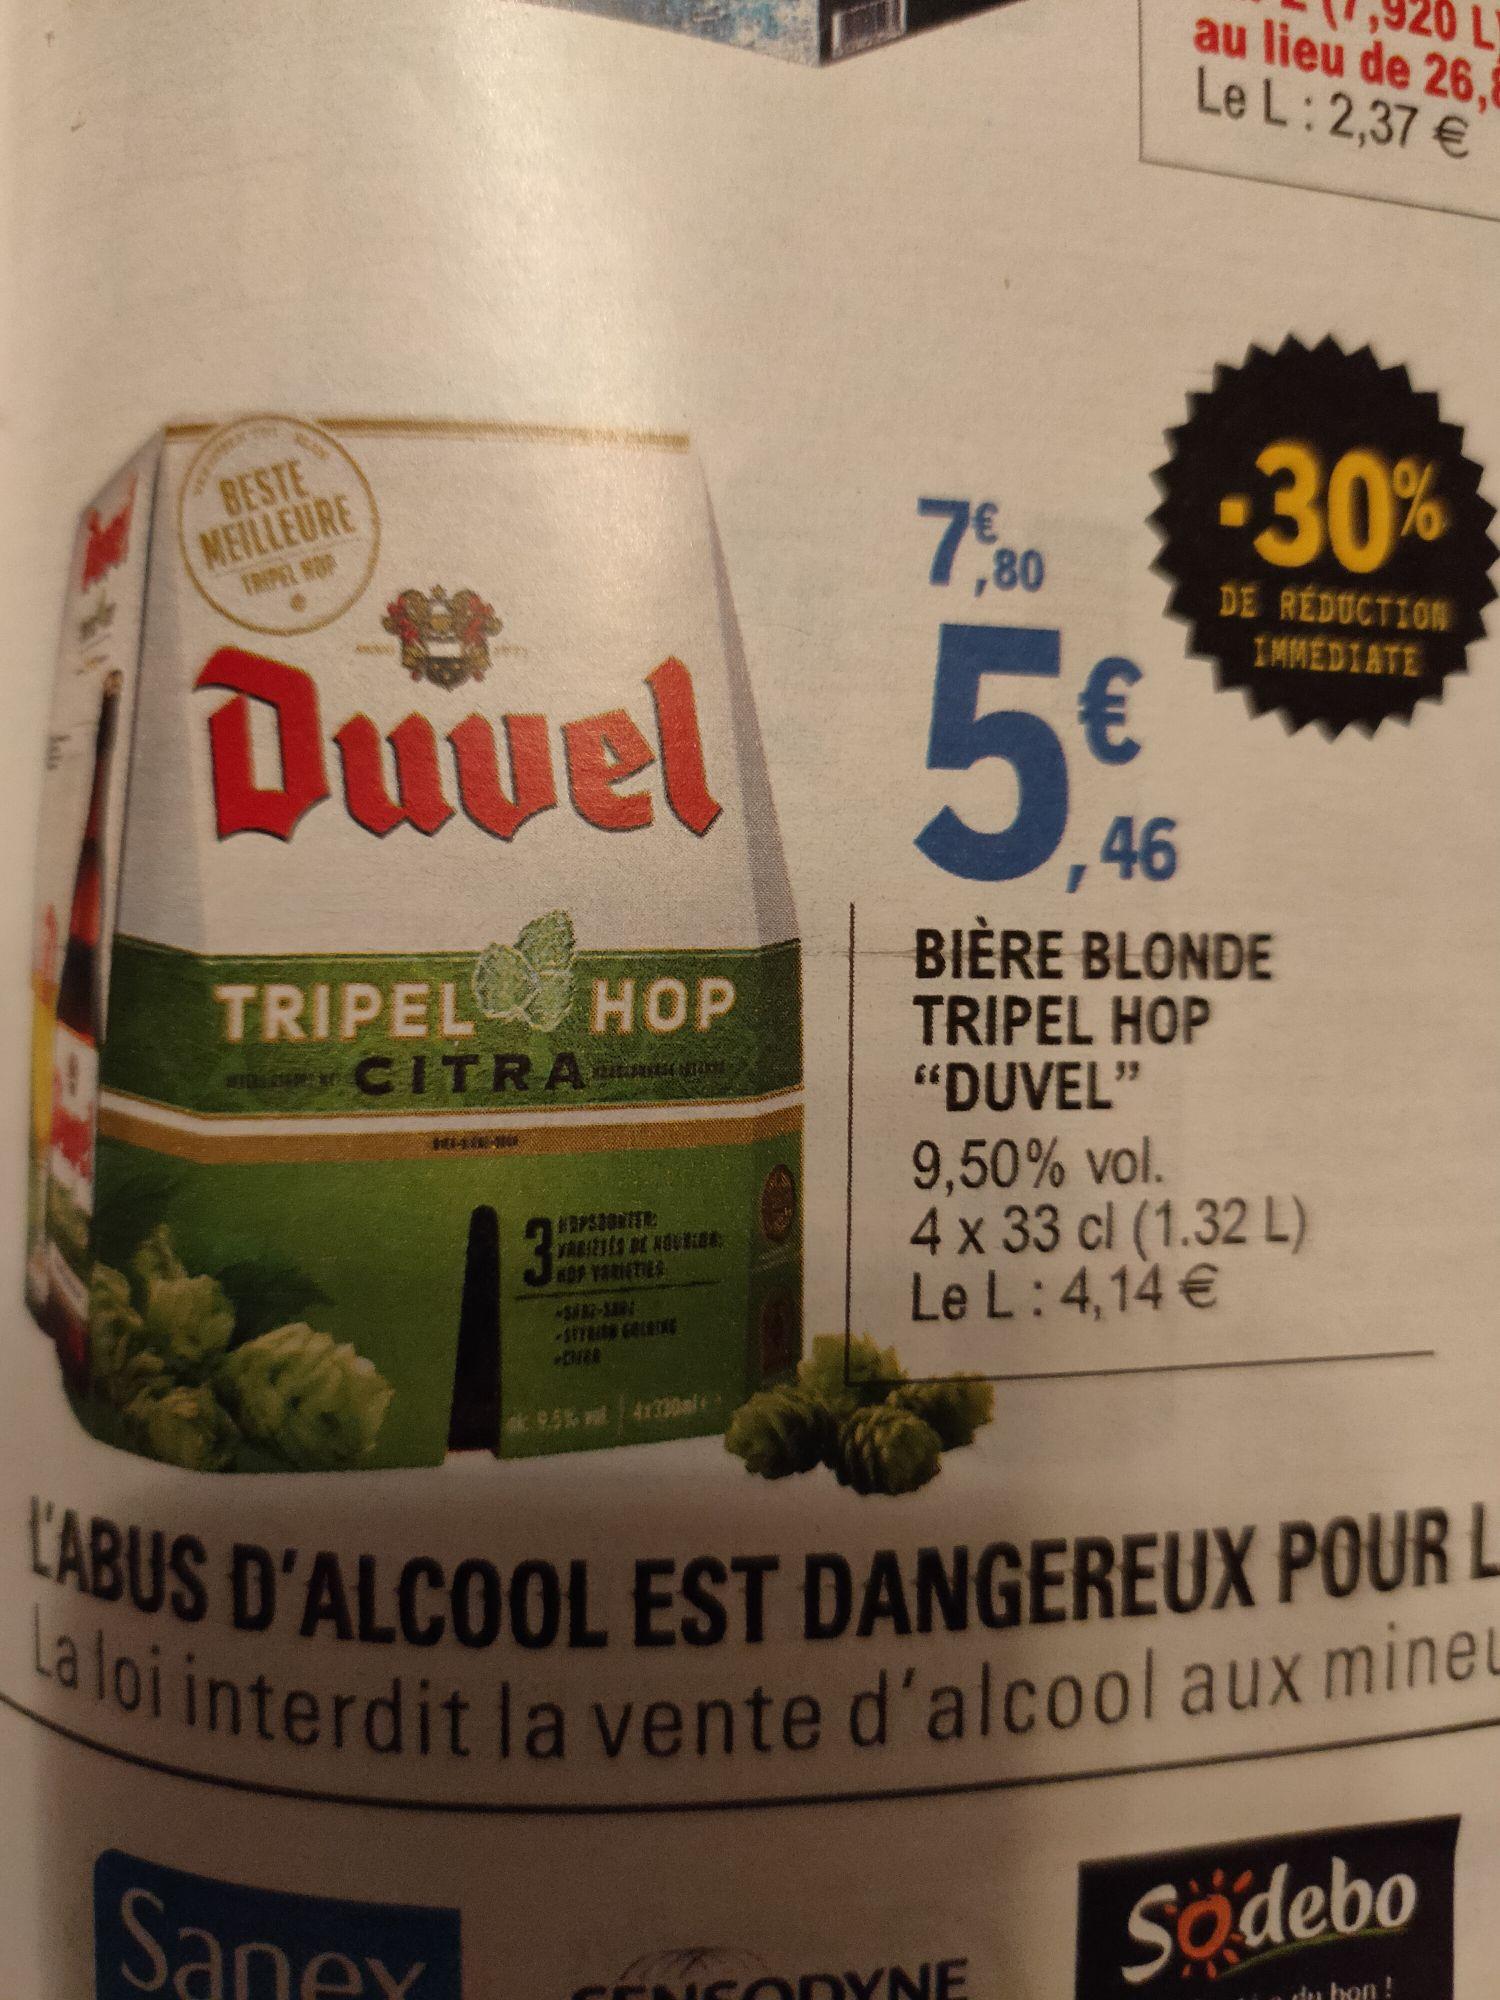 Pack de 4 bières blonde Duvel Tripel Hop - 4 x 33 cl